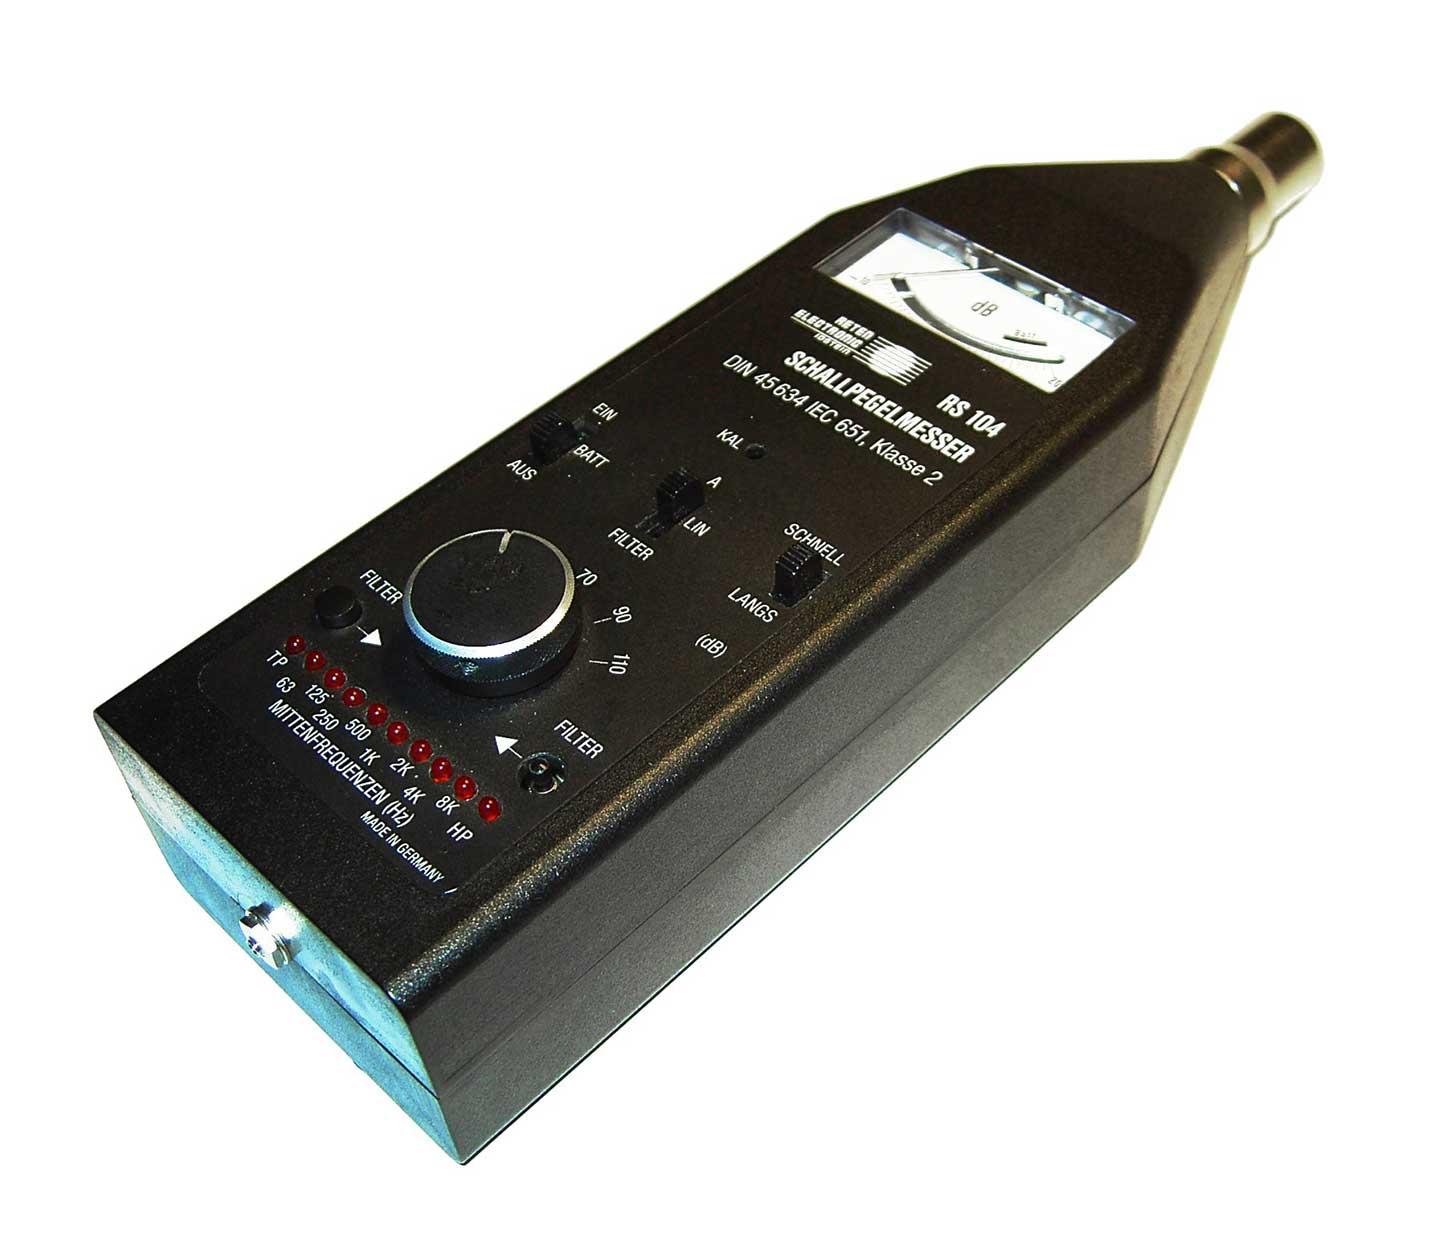 aparato para medir el nivel de ruido usado por asesores